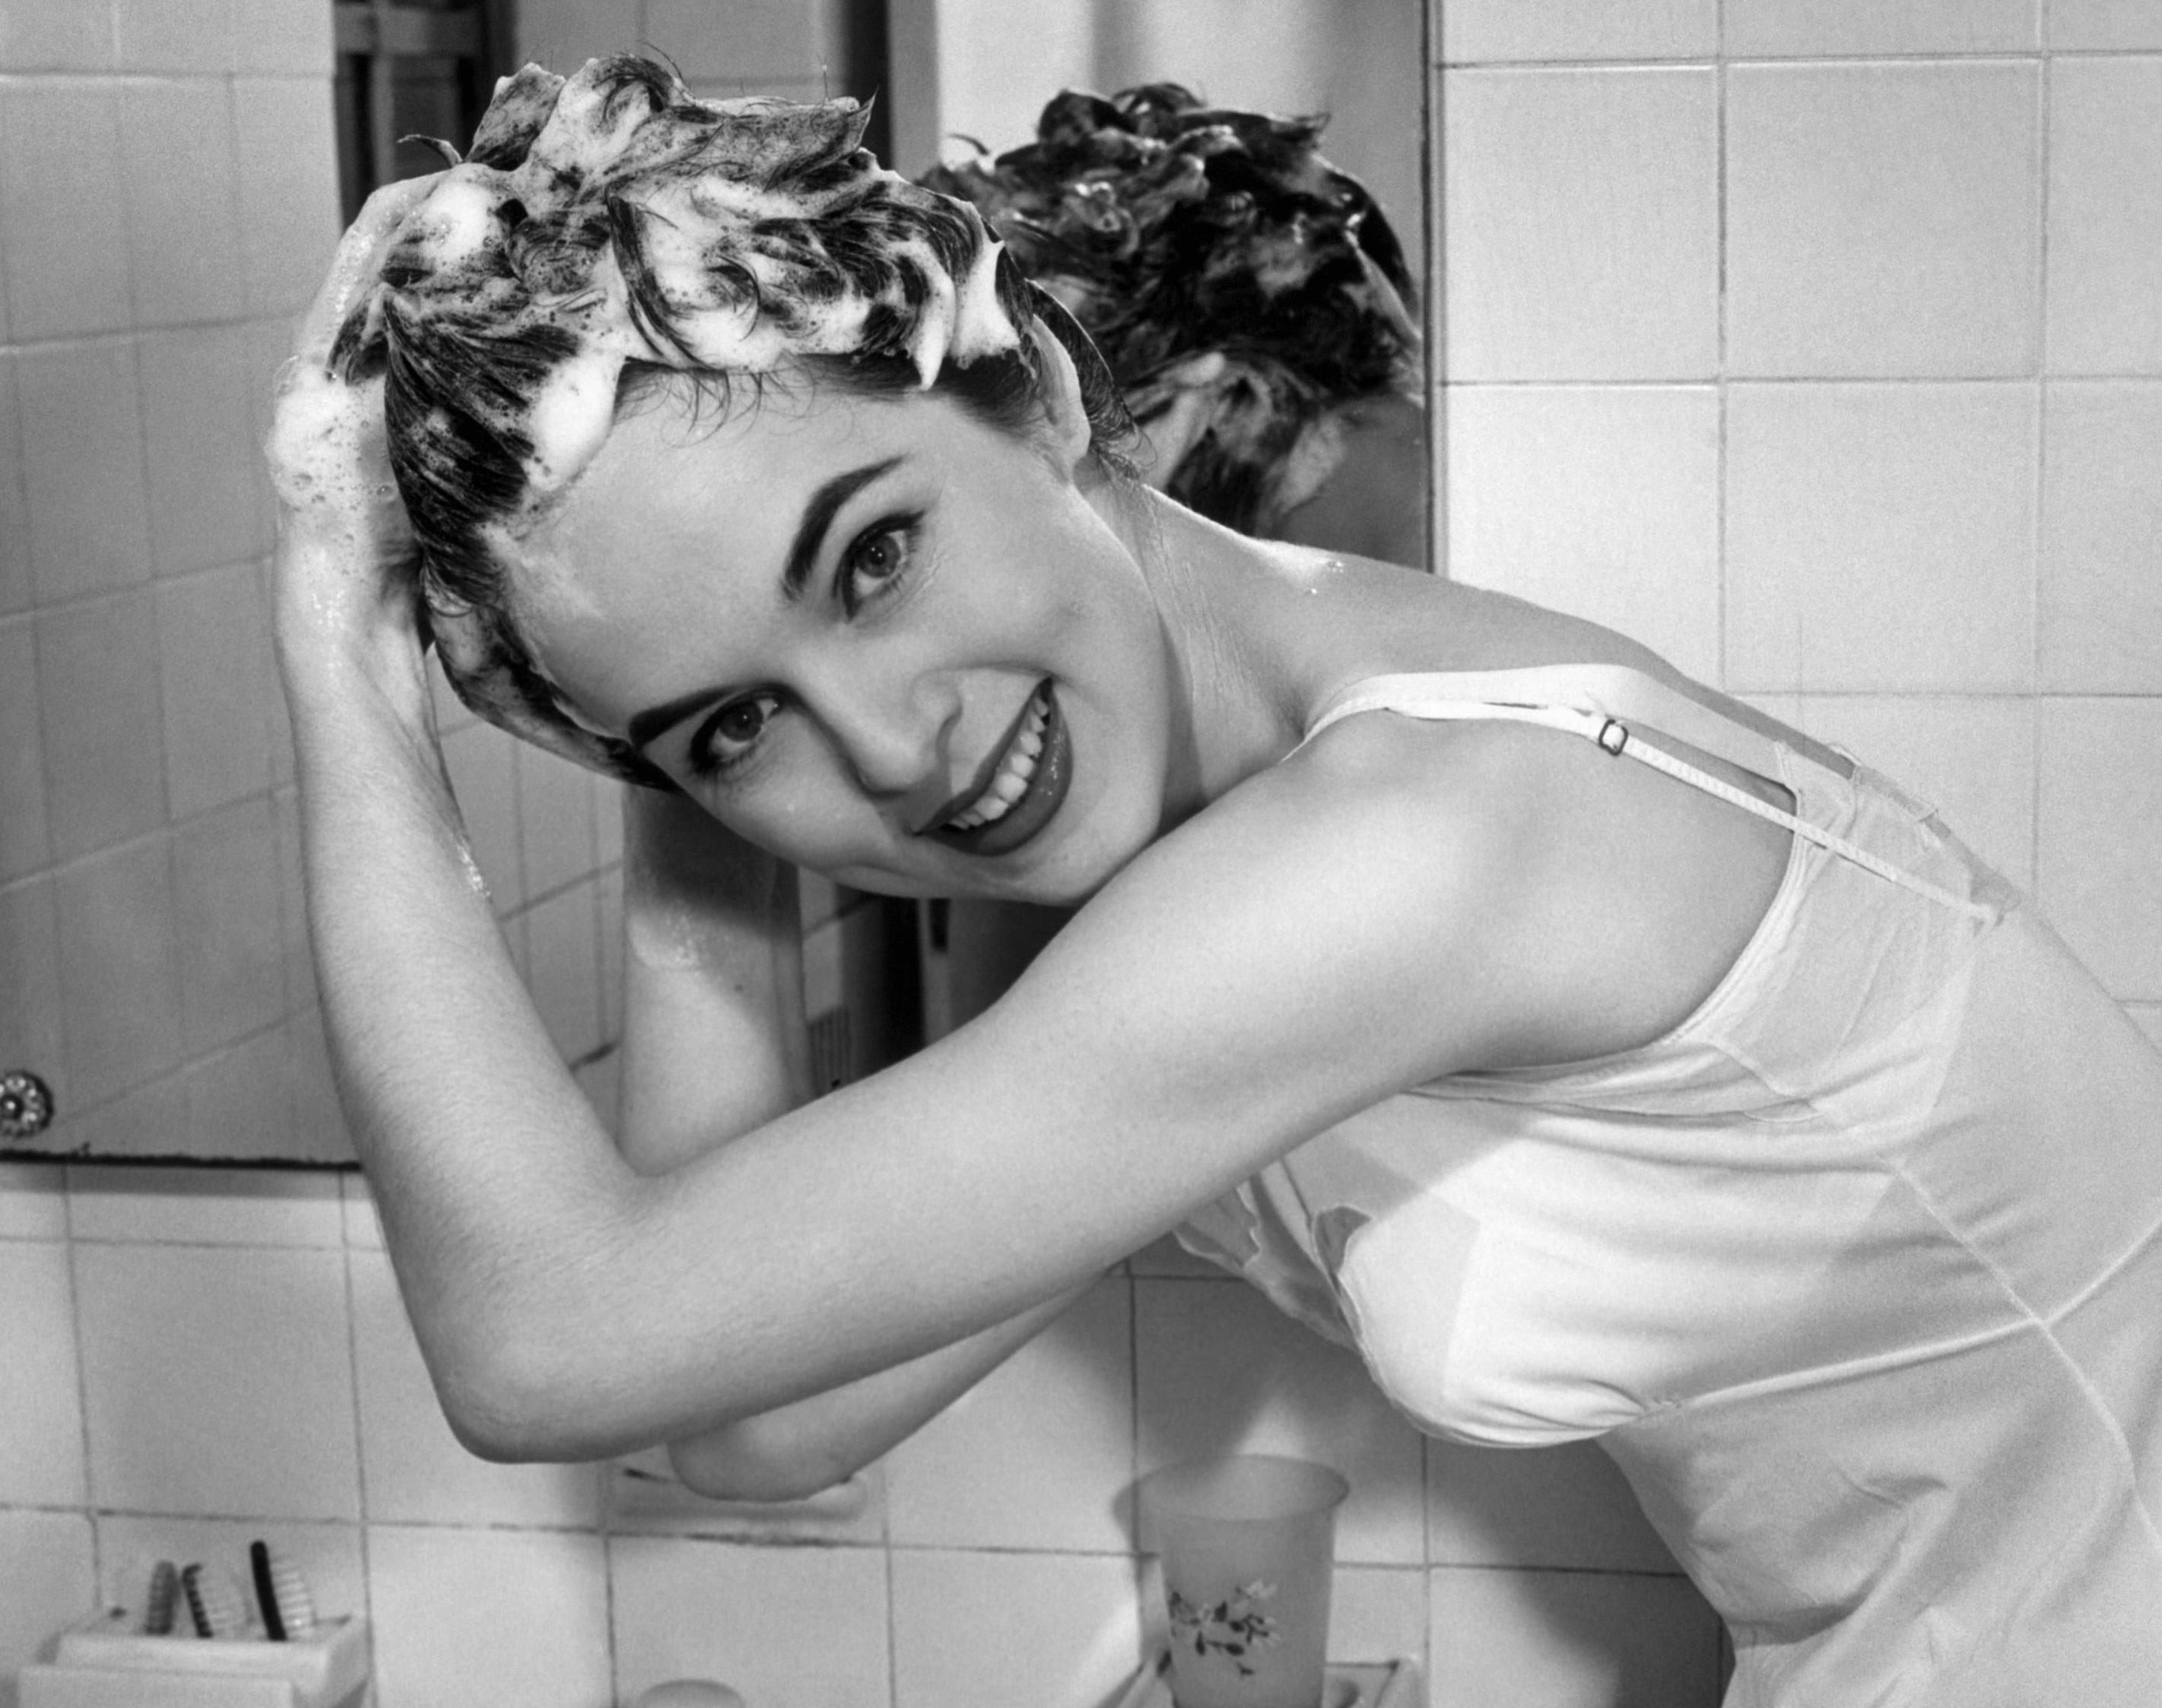 ¿Cómo elegir el shampoo perfecto dependiendo tu tipo de pelo?